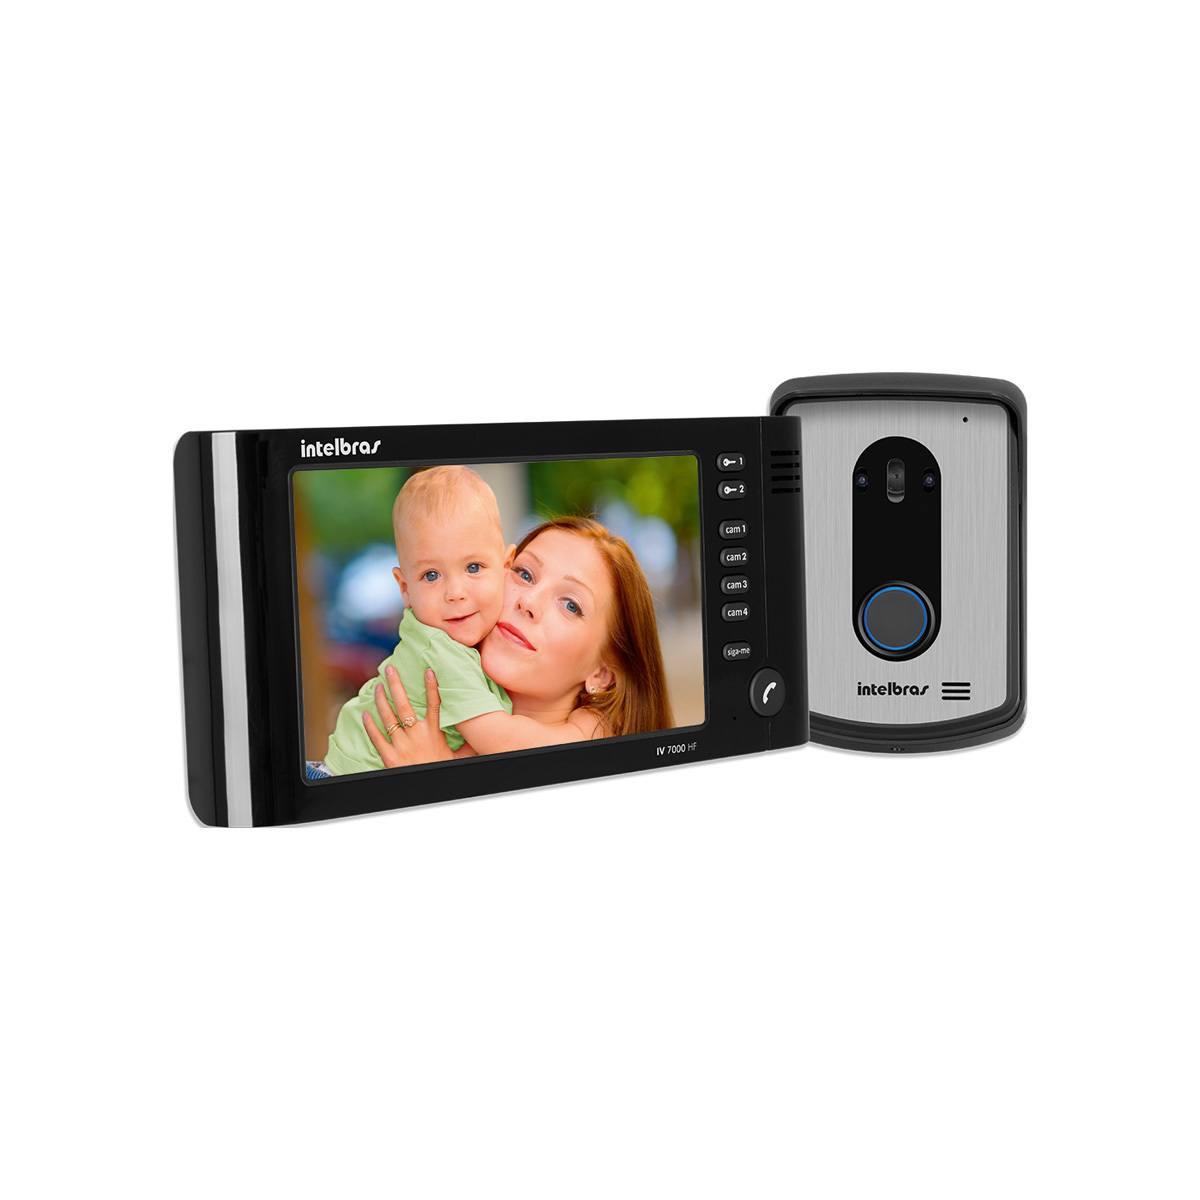 Video Porteiro Intelbras IV 7010 HF